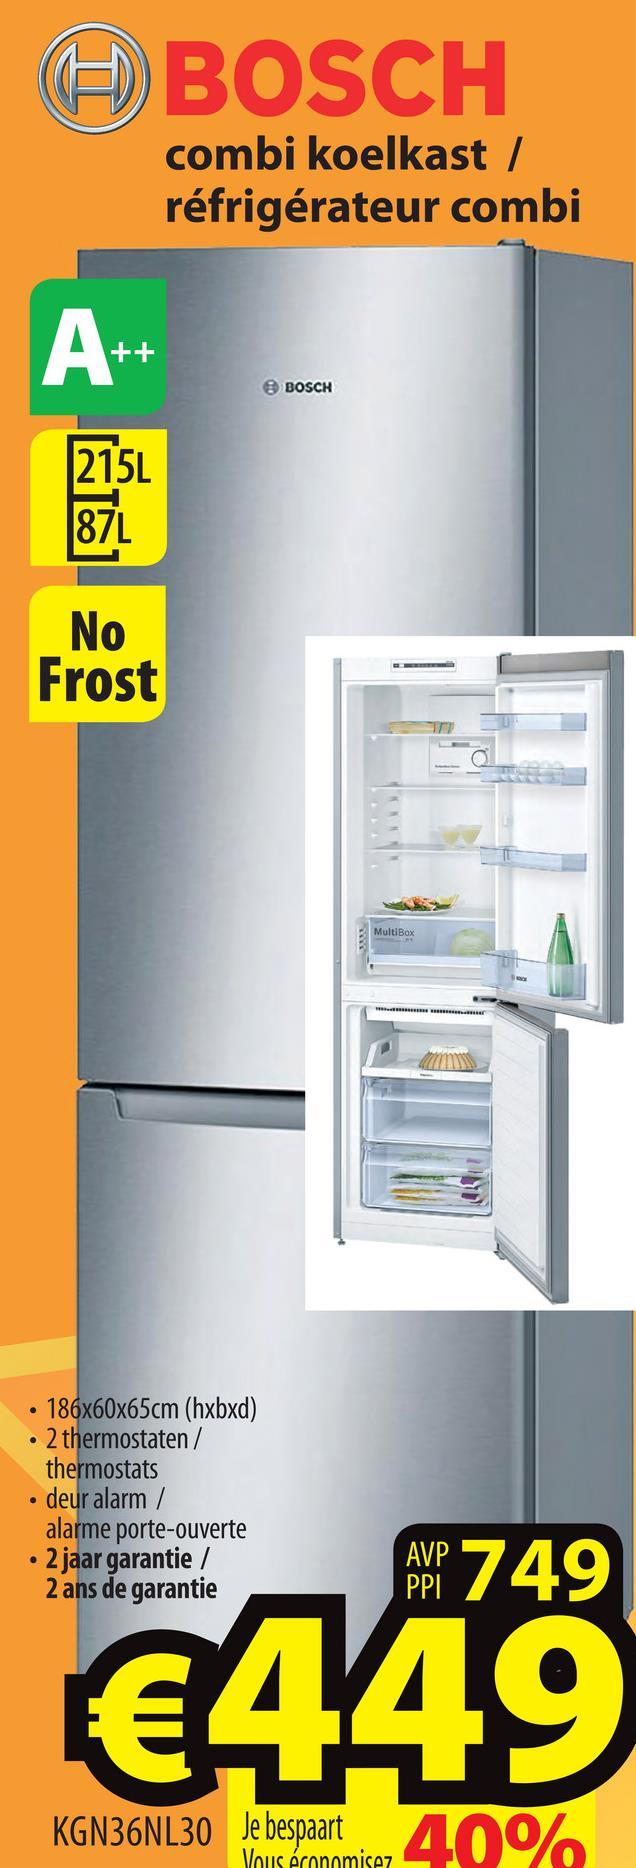 E) BOSCH combi koelkast / réfrigérateur combi BOSCH No Frost in Tag • 186x60x65cm (hxbxd) • 2 thermostaten/ thermostats • deur alarm / alarme porte-ouverte • 2 jaar garantie / 2 ans de garantie AYP 749 6449 KGN36NL30 Je bespaart Vous économisez